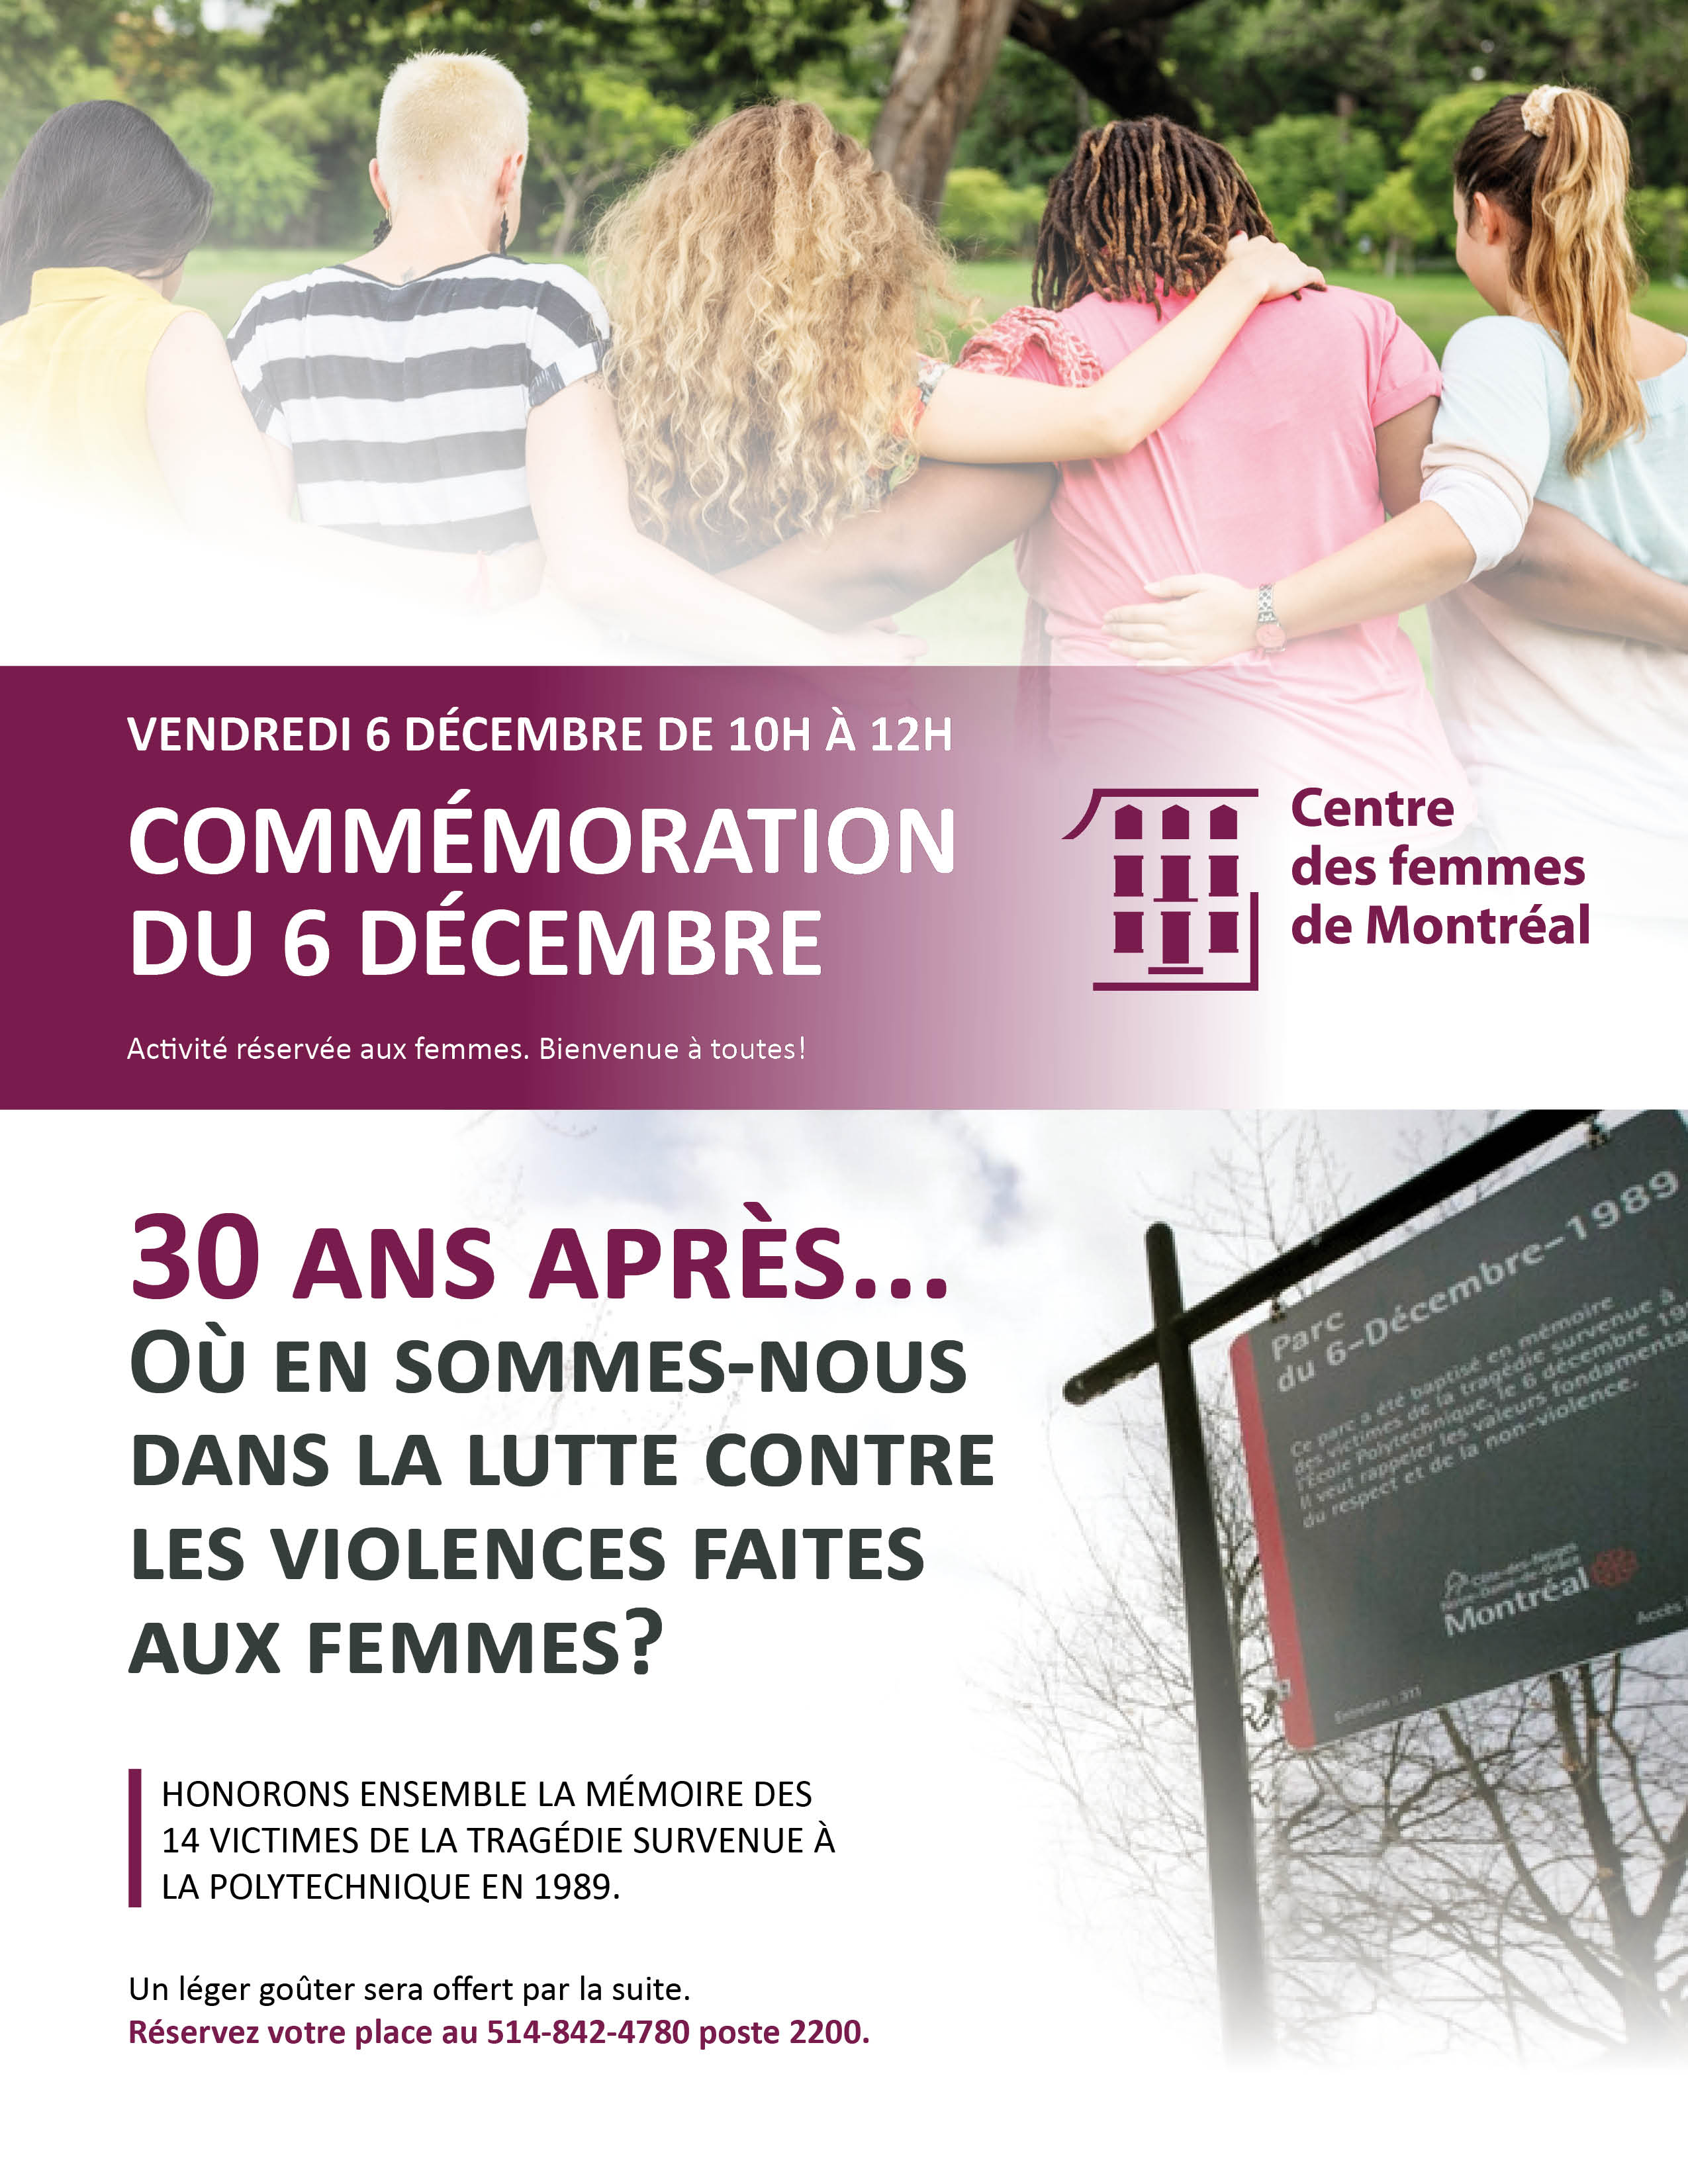 Commémoration du 6 décembre